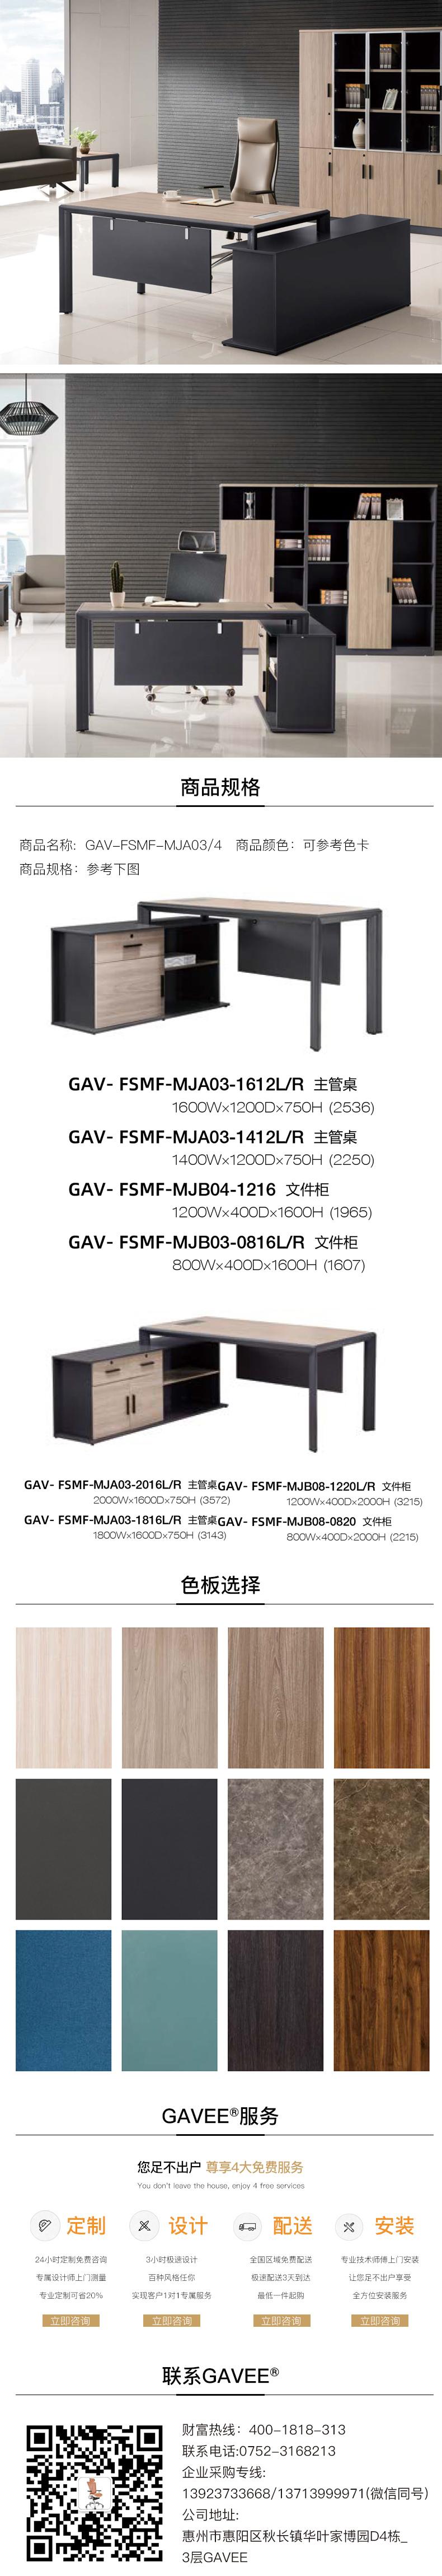 行政管理系統GAV-FSMF-MJA03-4.jpg